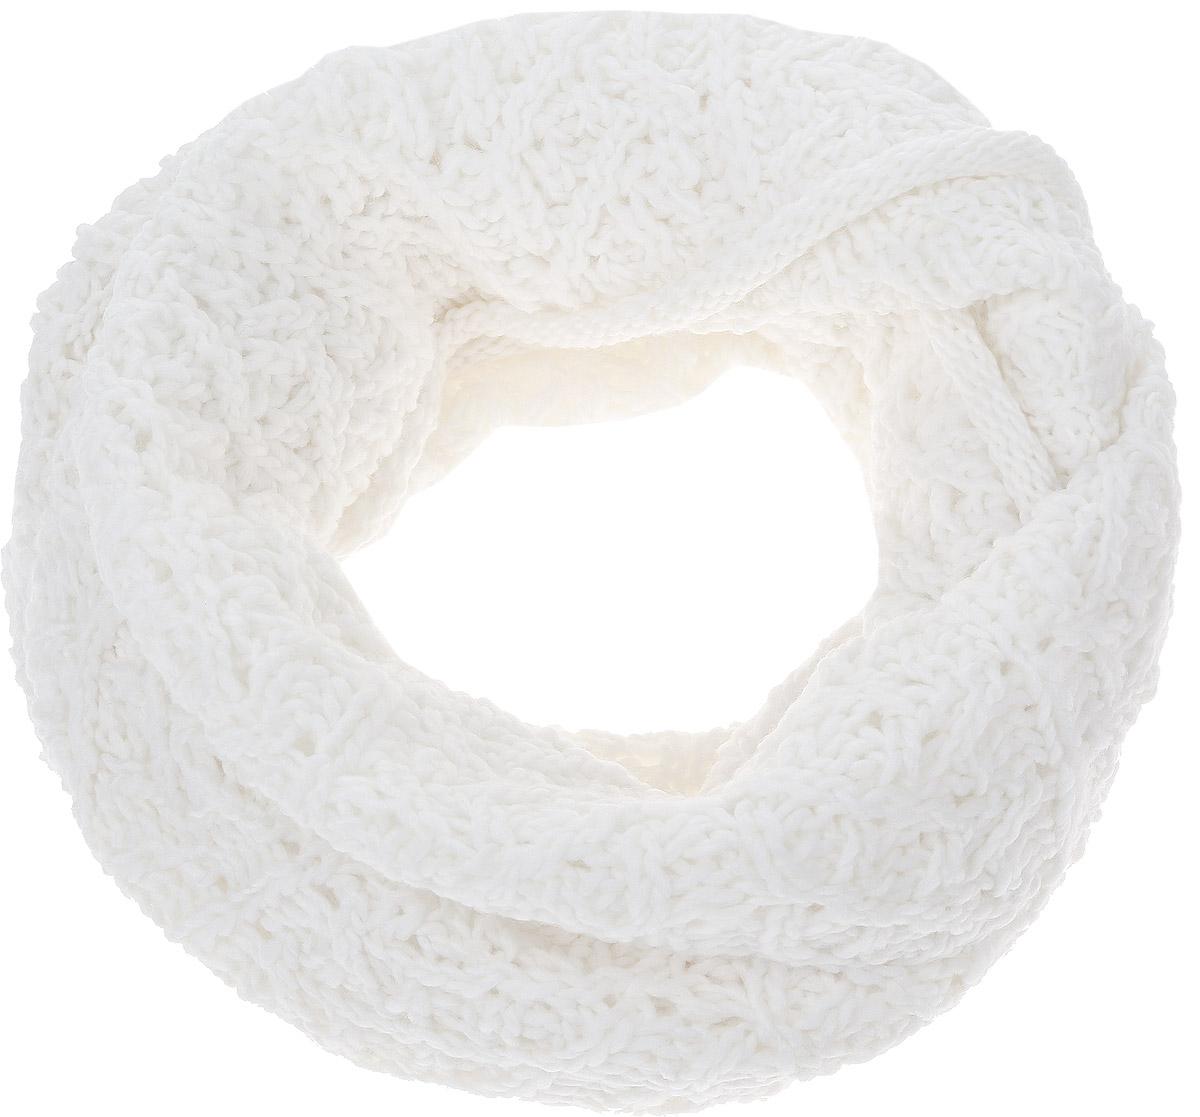 Снуд-хомут44452/2Женский вязаный снуд-хомут Snezhna выполнен из сочетания высококачественного акрила и теплой шерсти, отлично подойдет для повседневной носки в прохладную погоду. Модель связана кольцом и выполнена оригинальной узорчатой вязкой. Изделие мягко драпируется и красиво распределяется в области шеи.